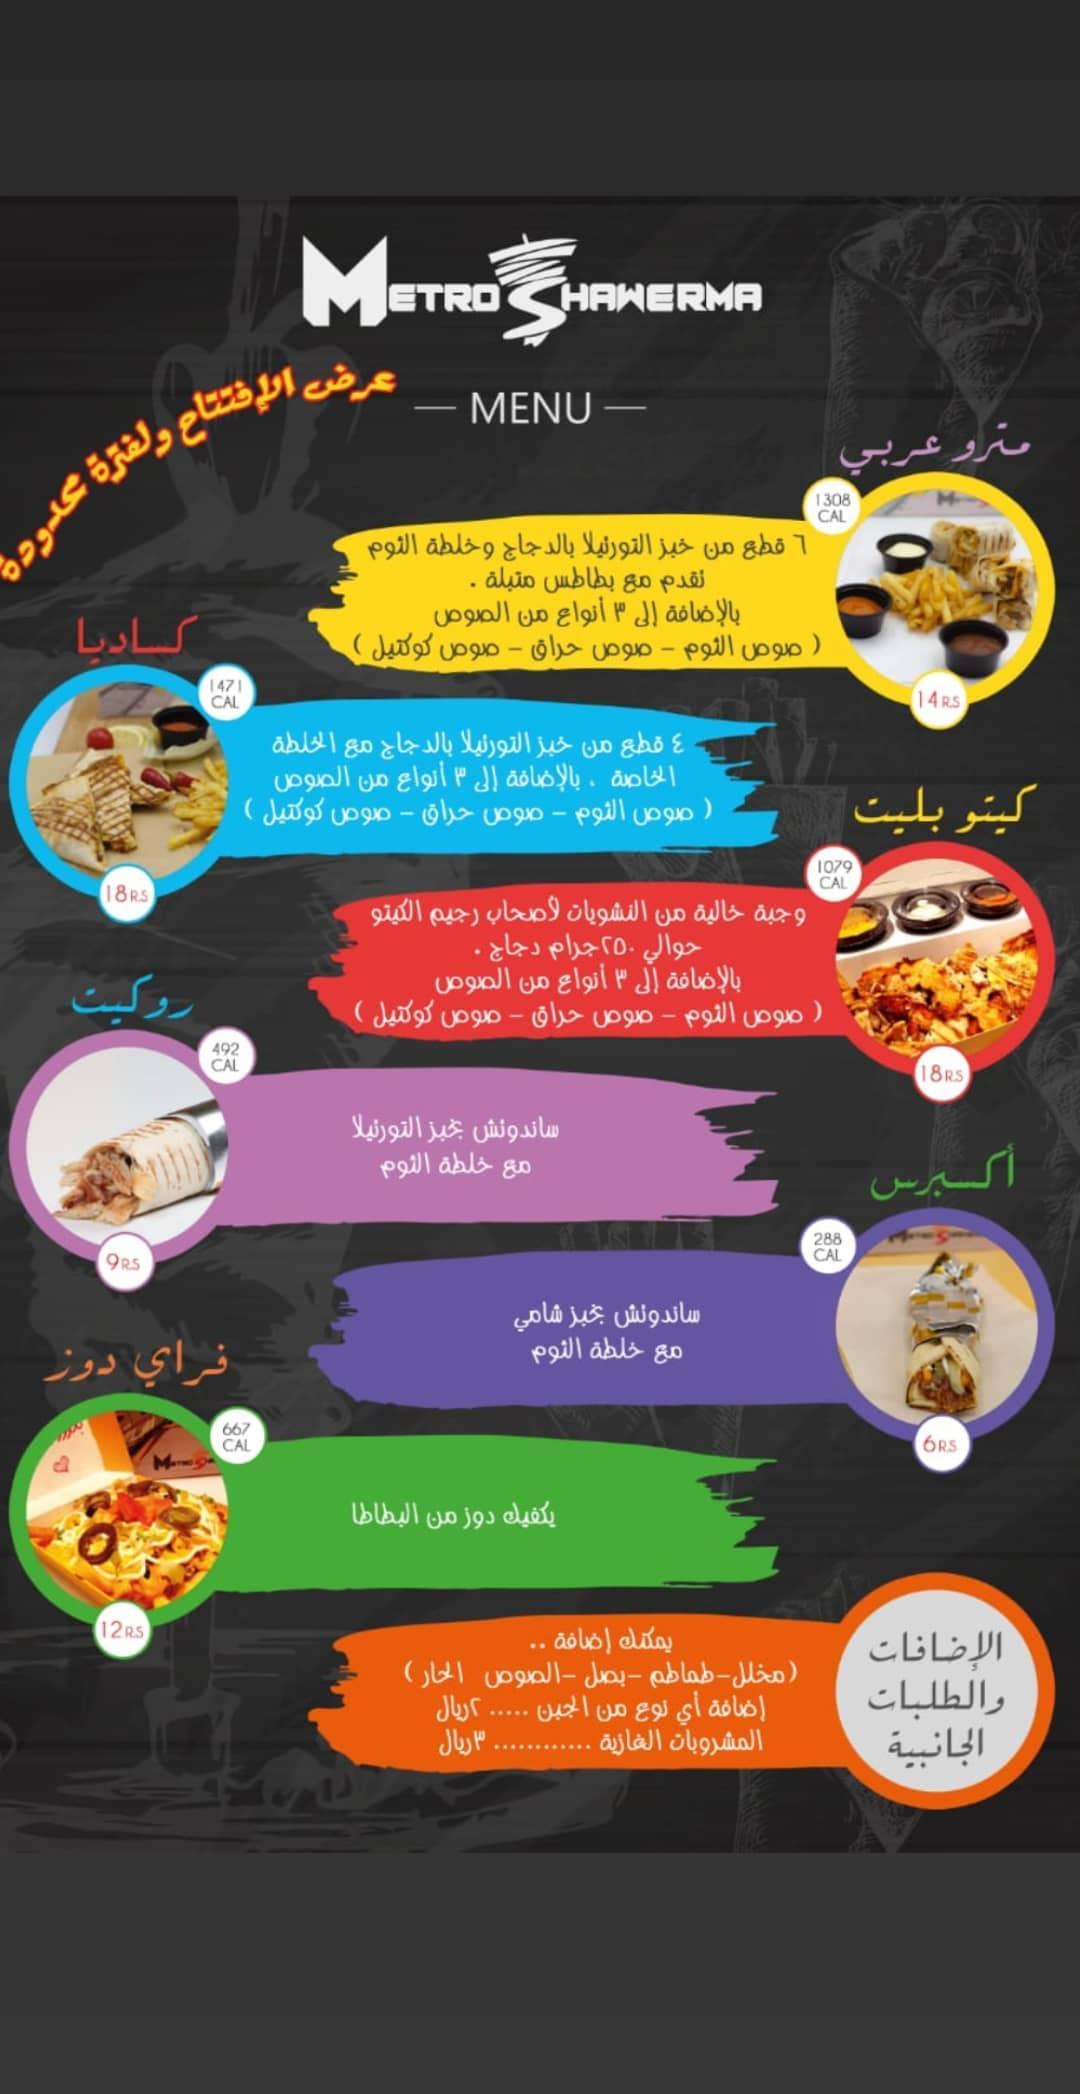 منيو مطعم مترو شاورما في جدة